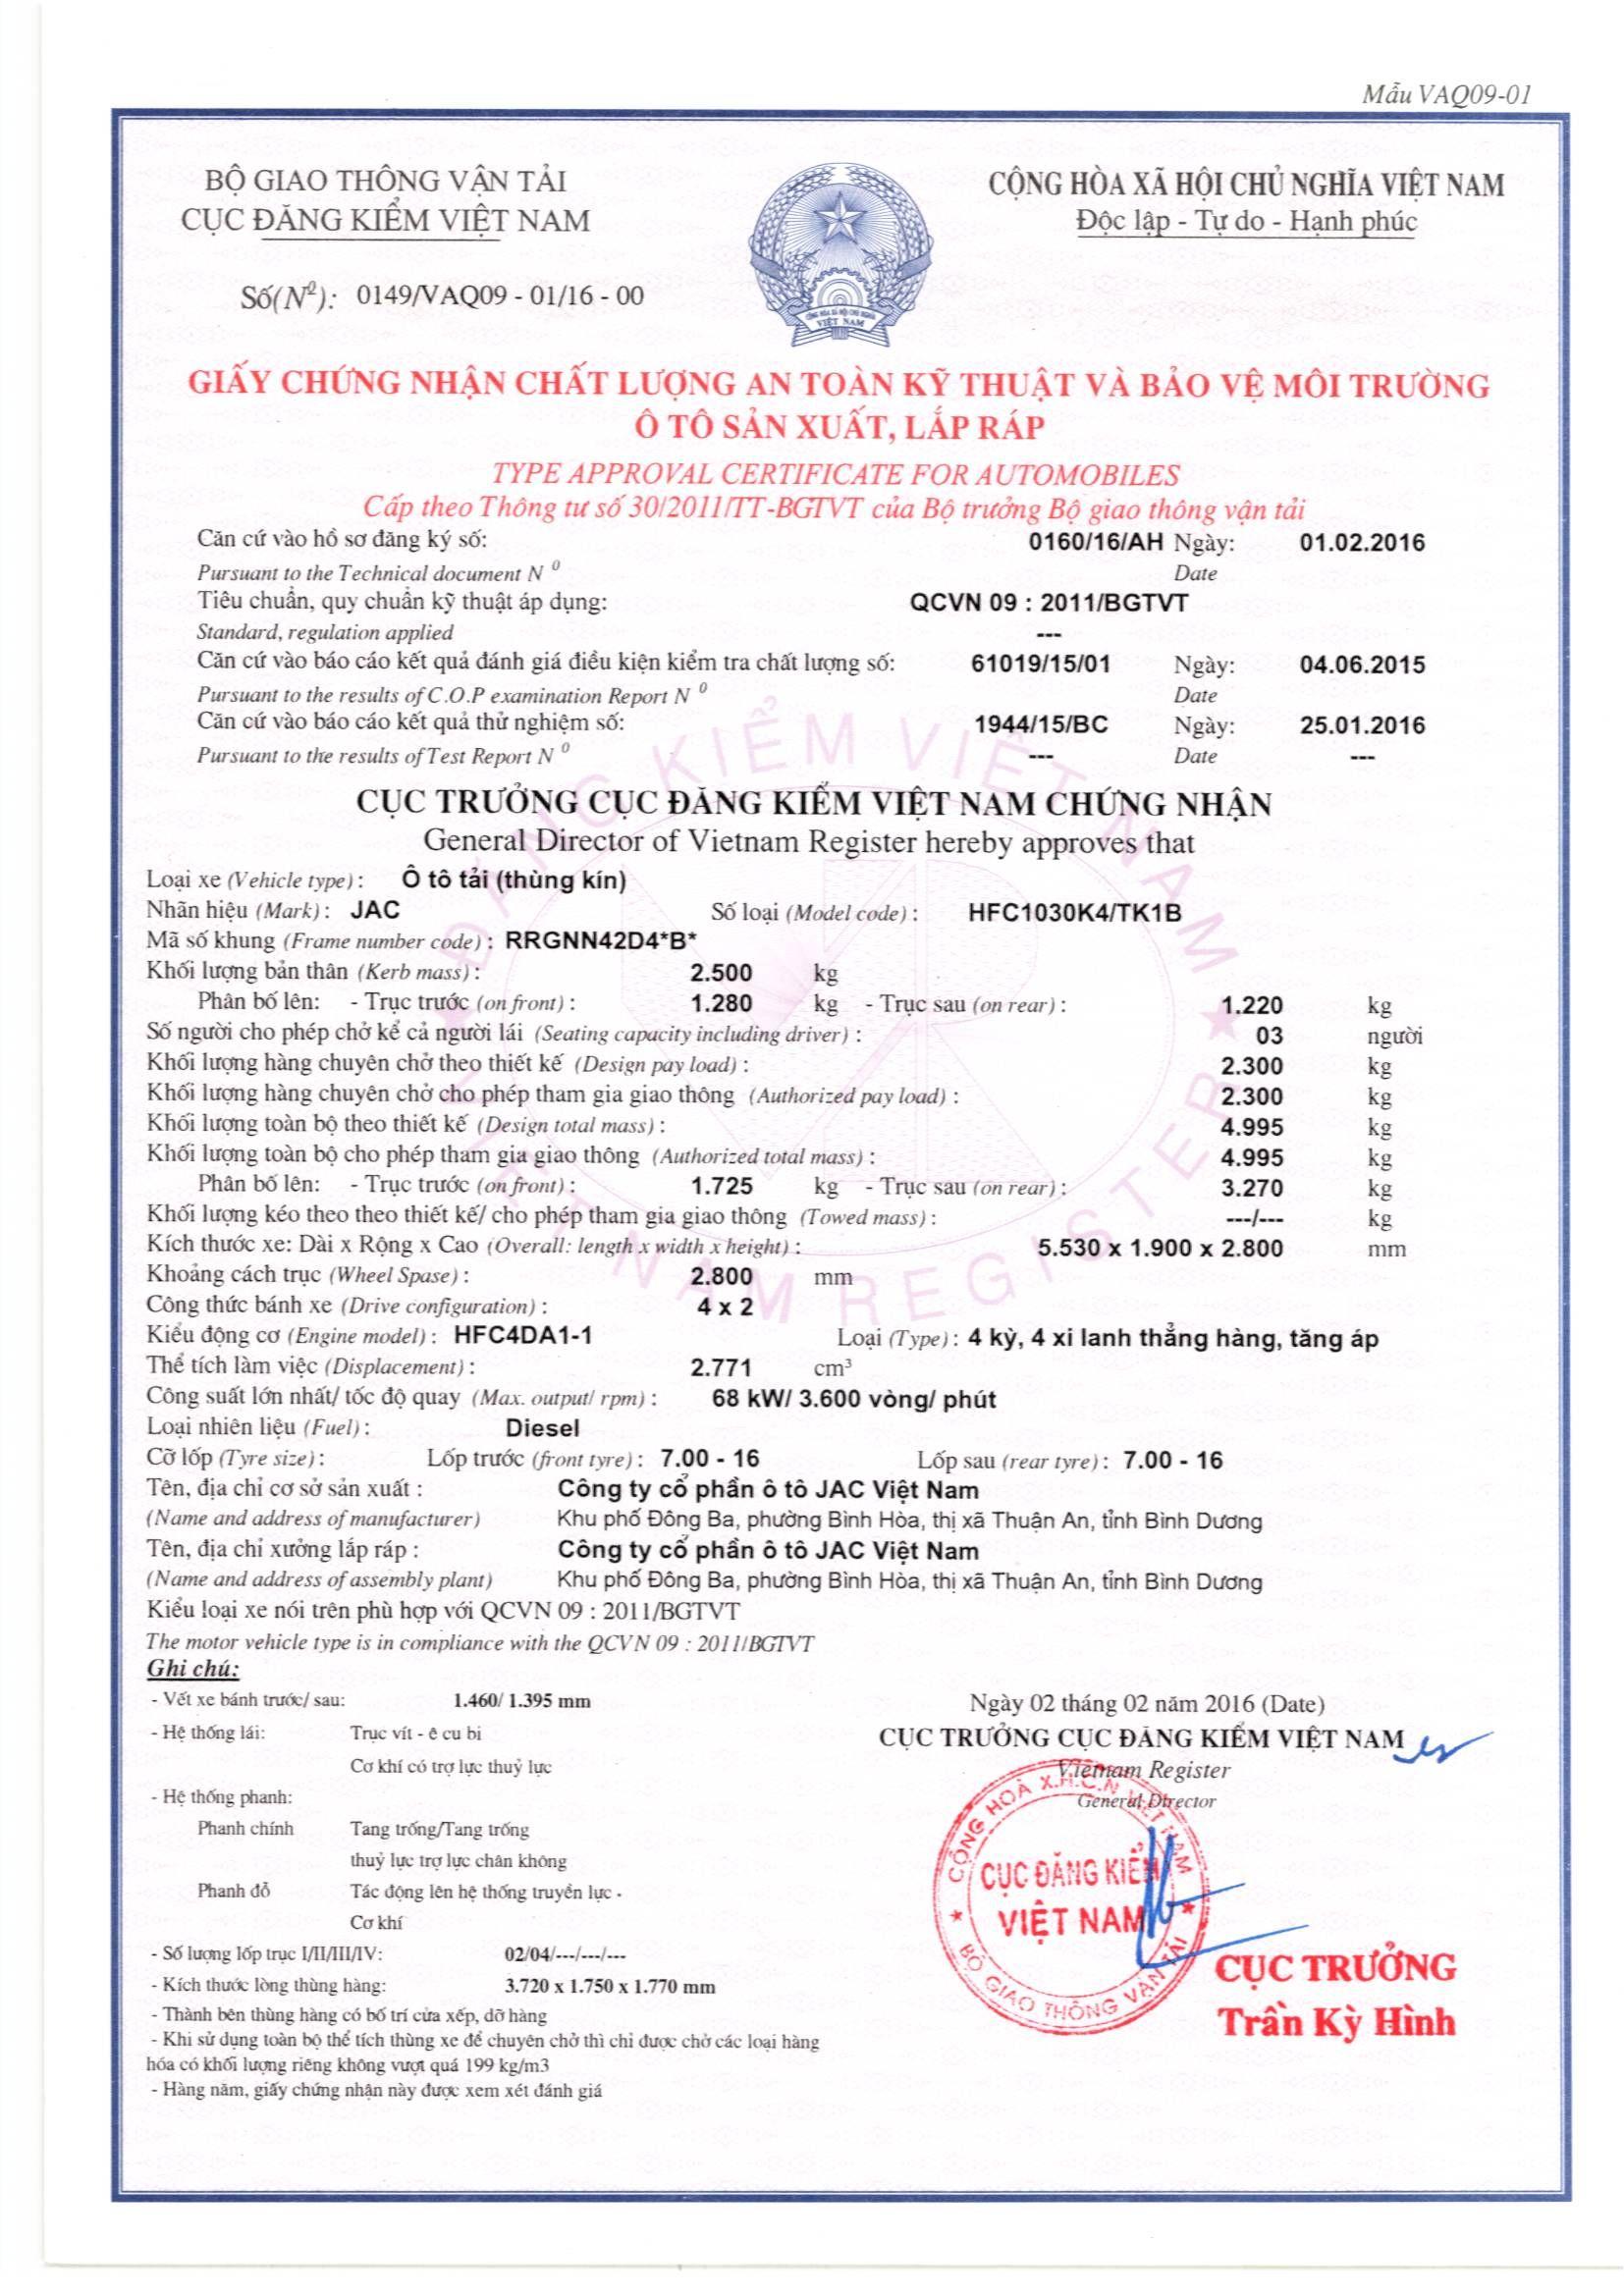 TSKT Jac cc 2.4T (HFC1030K4), thùng Kín 13-1-2016